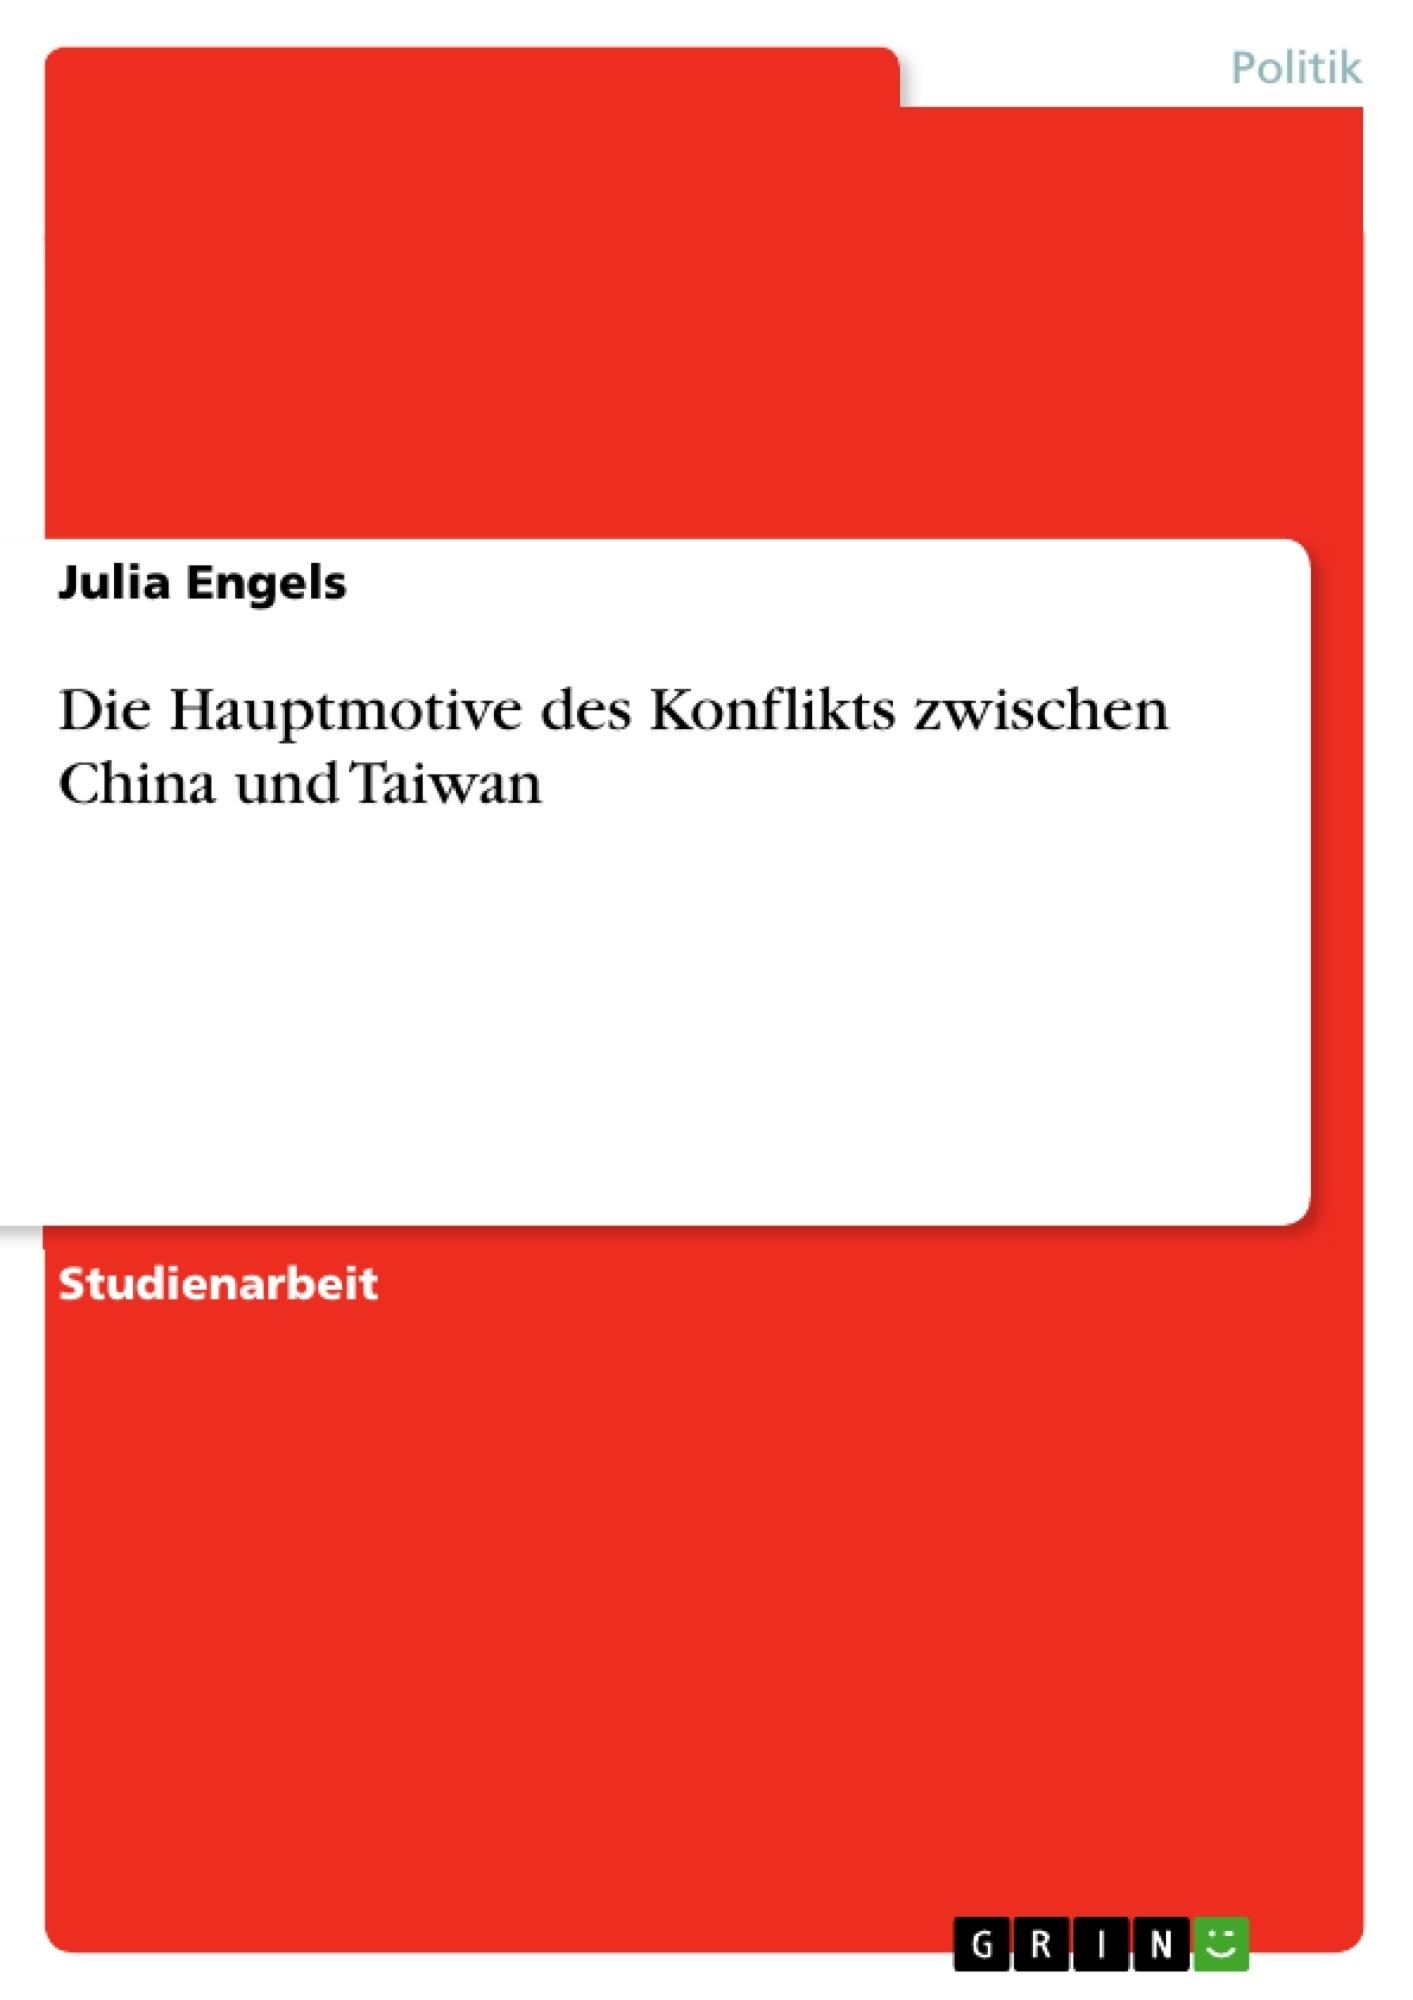 Titel: Die Hauptmotive des Konflikts zwischen China und Taiwan